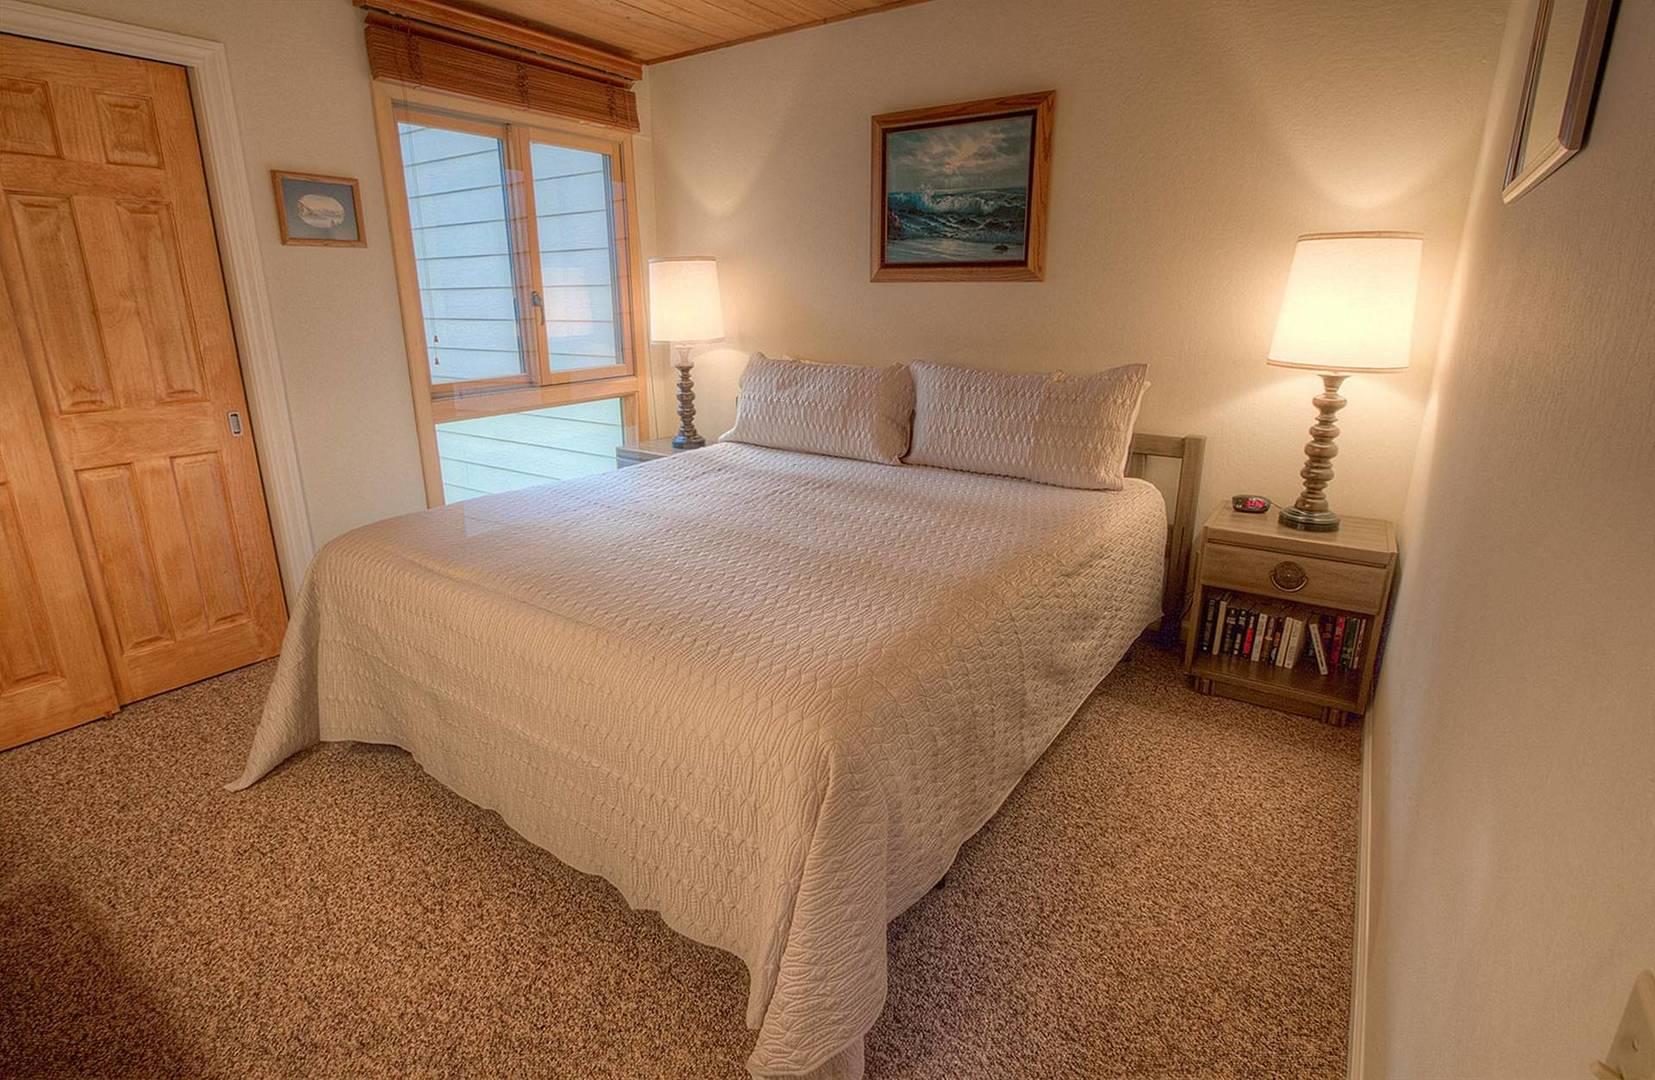 fpc0812 bedroom